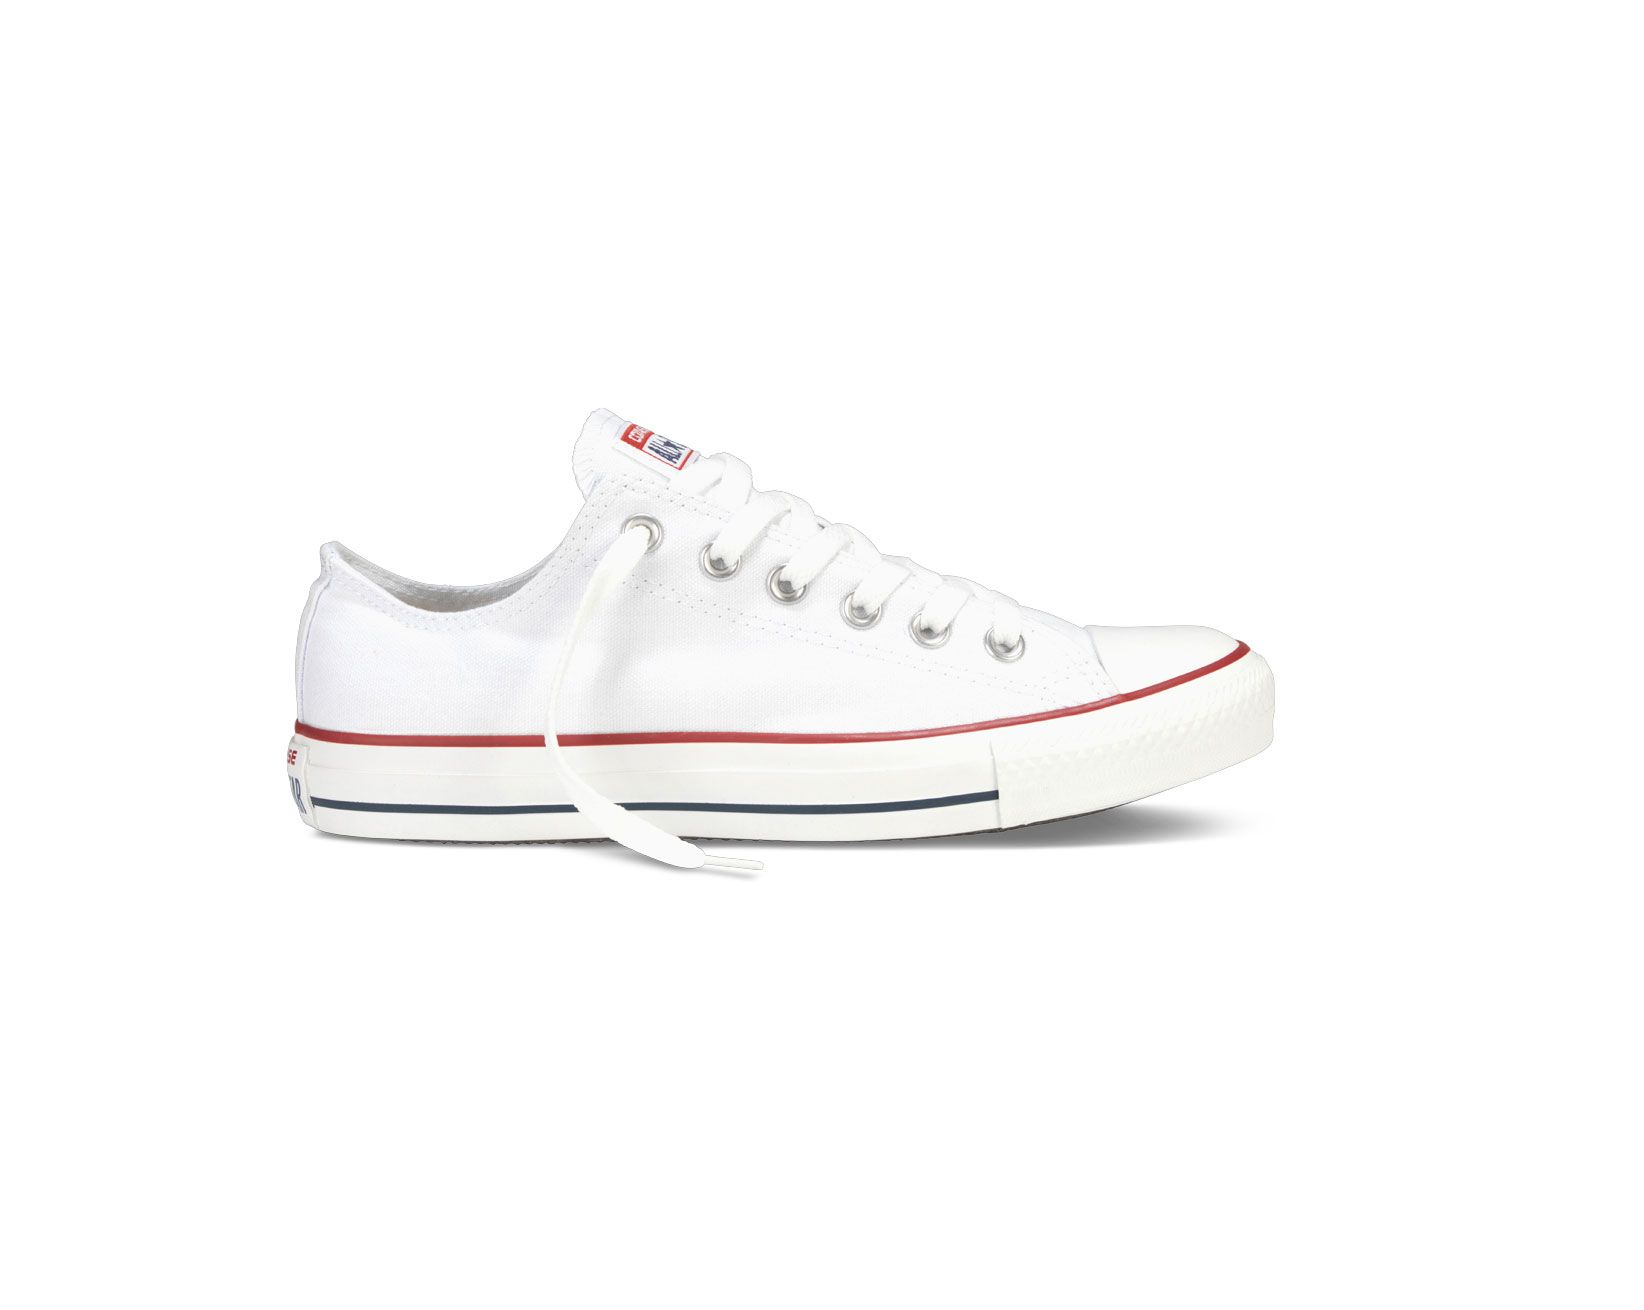 3f0ffd0e2a1e Are Converse Shoes Good For Lifting - Style Guru  Fashion